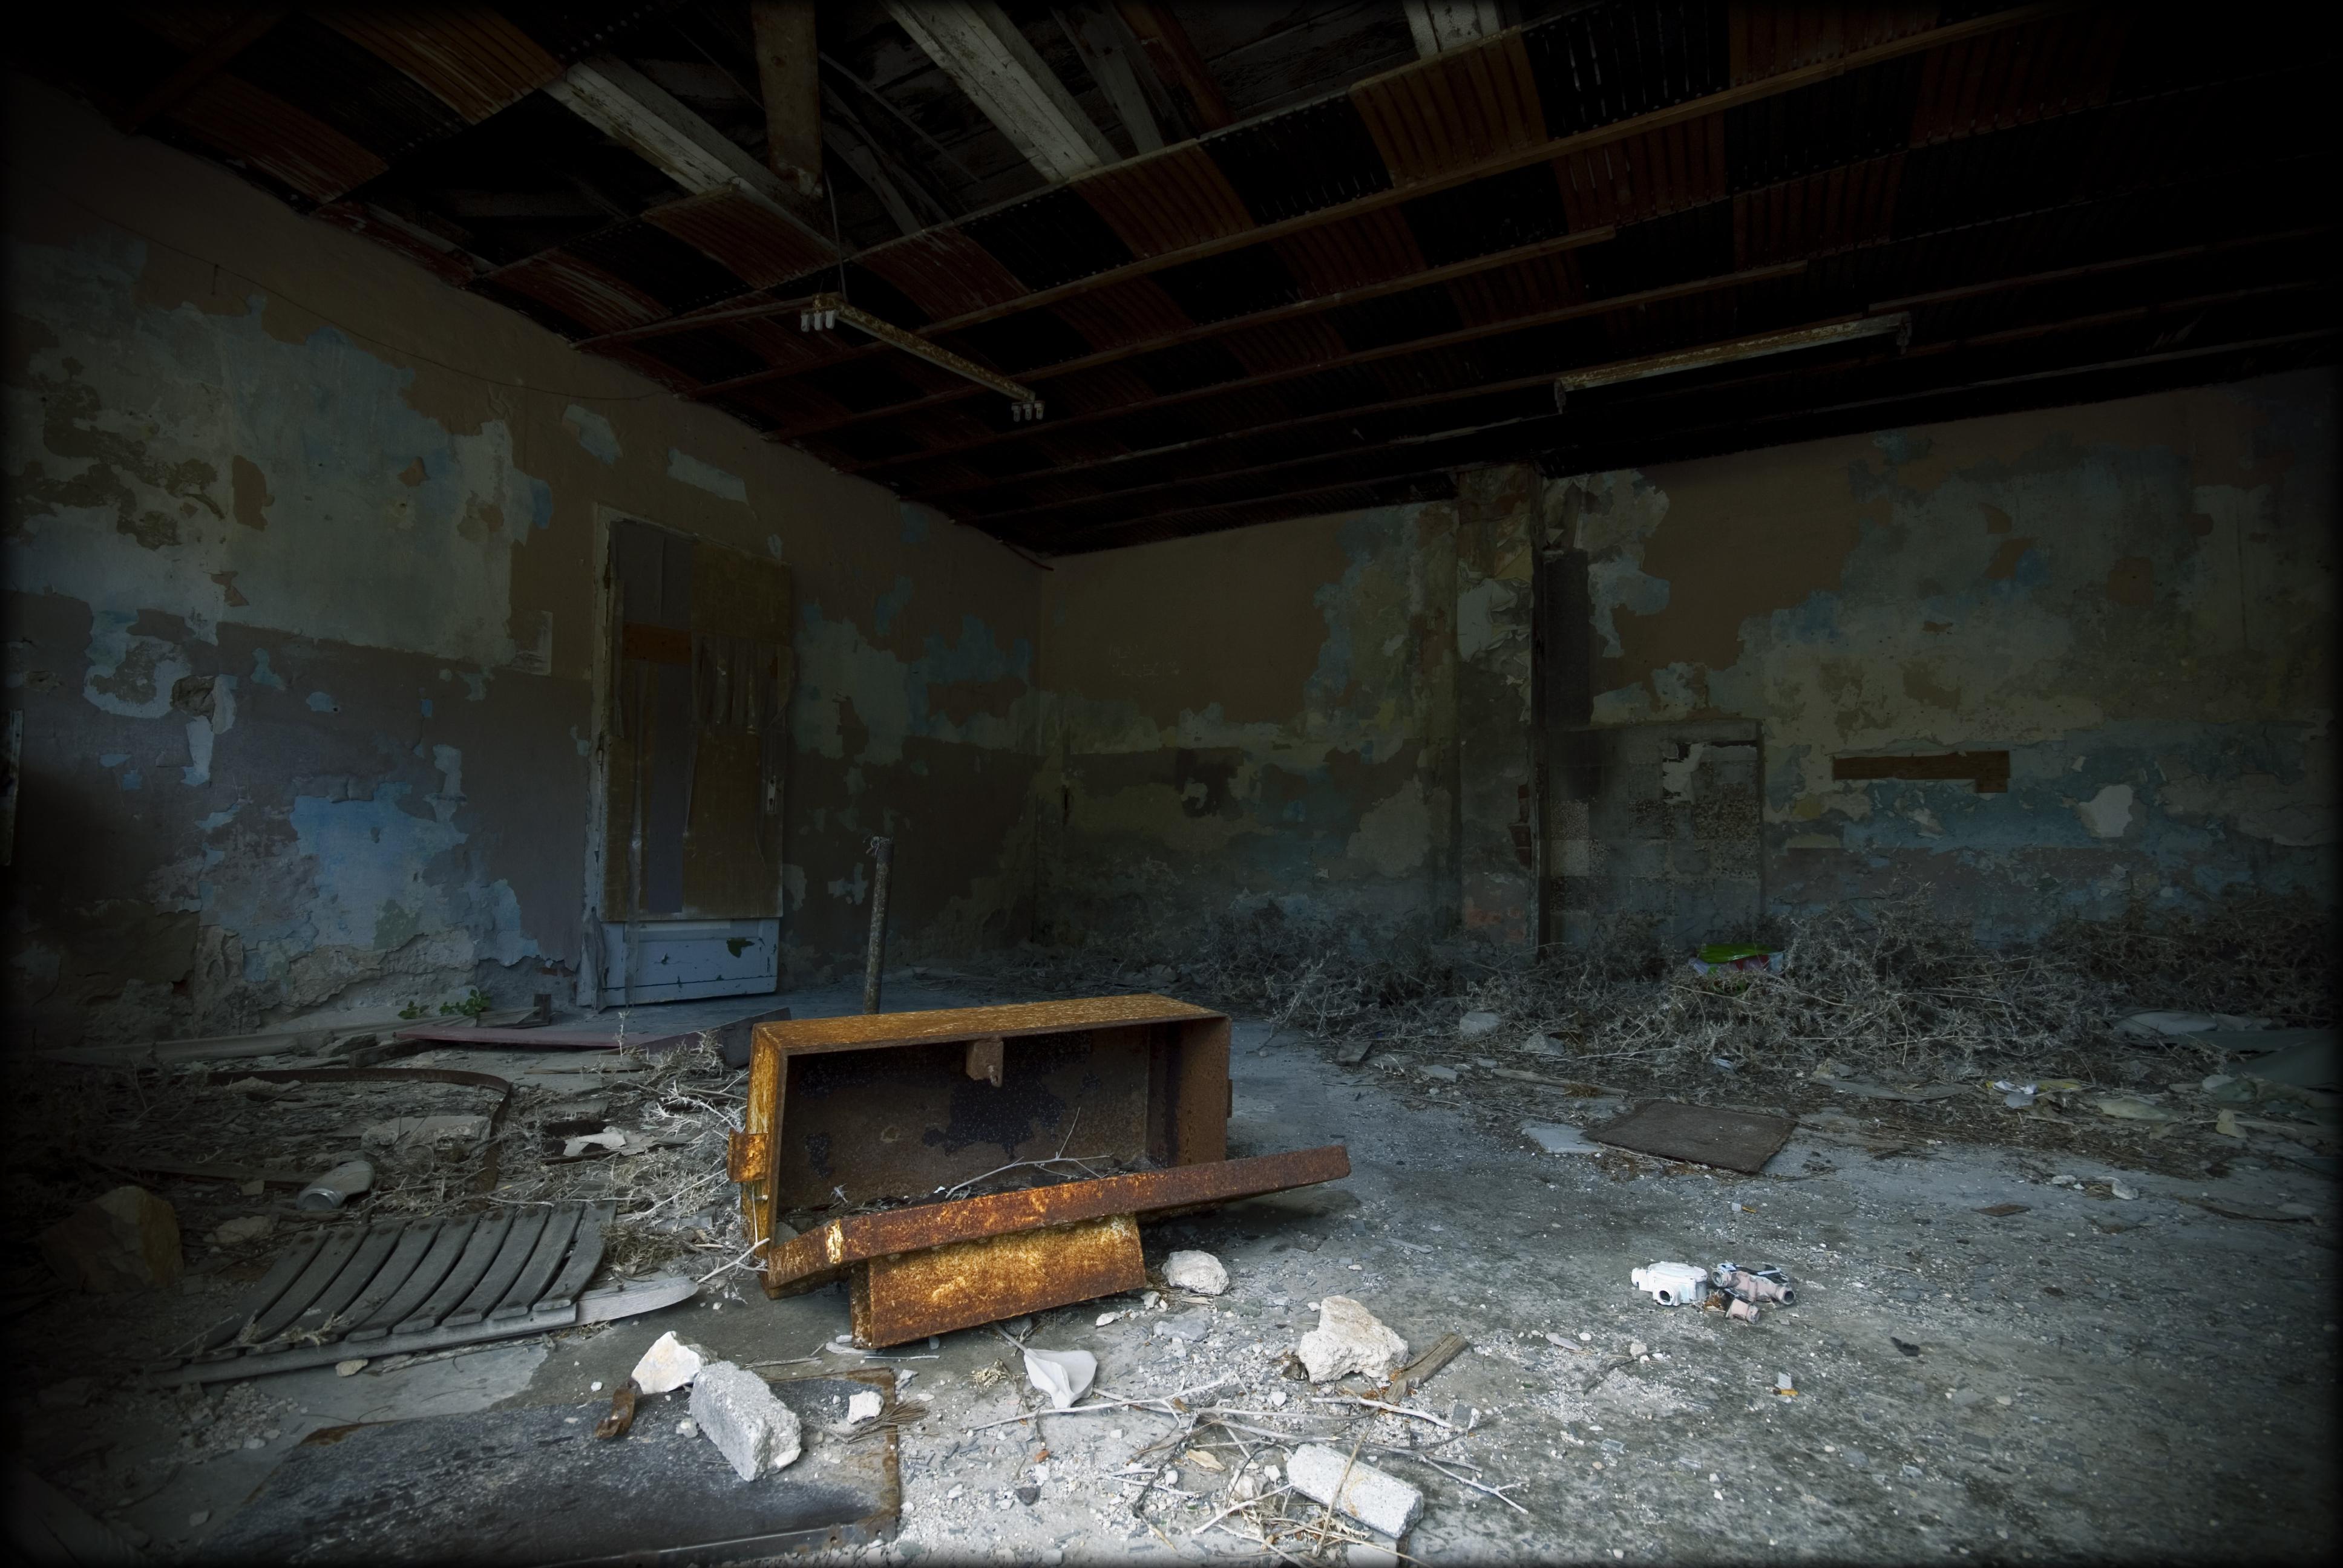 Goli Otok - foto di Andrea Pandini